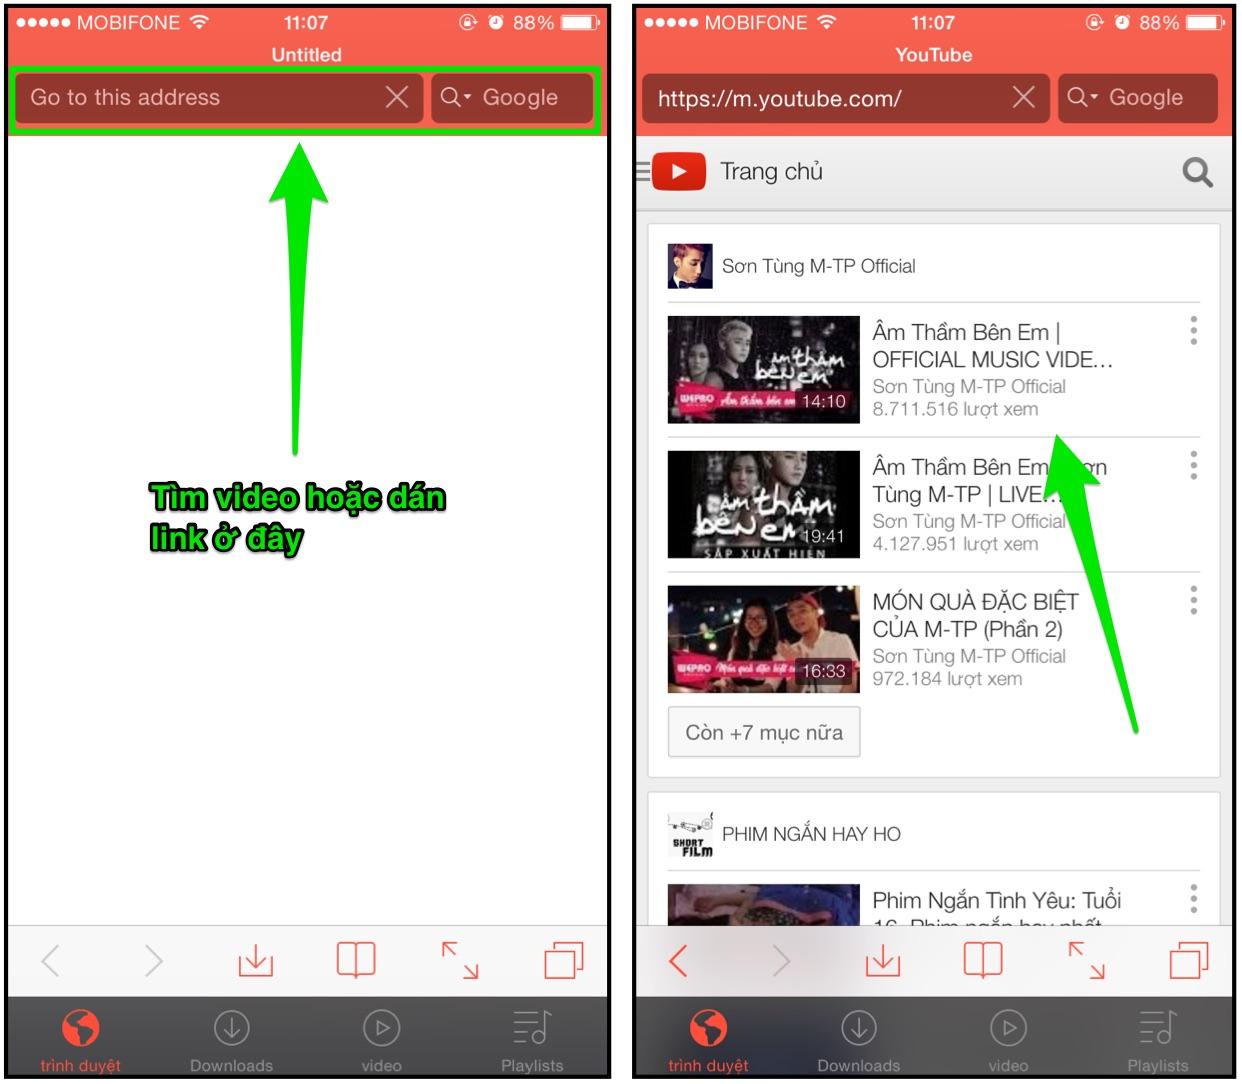 Mẹo tải video trực tiếp từ YouTube trên iPhone: Bước 2